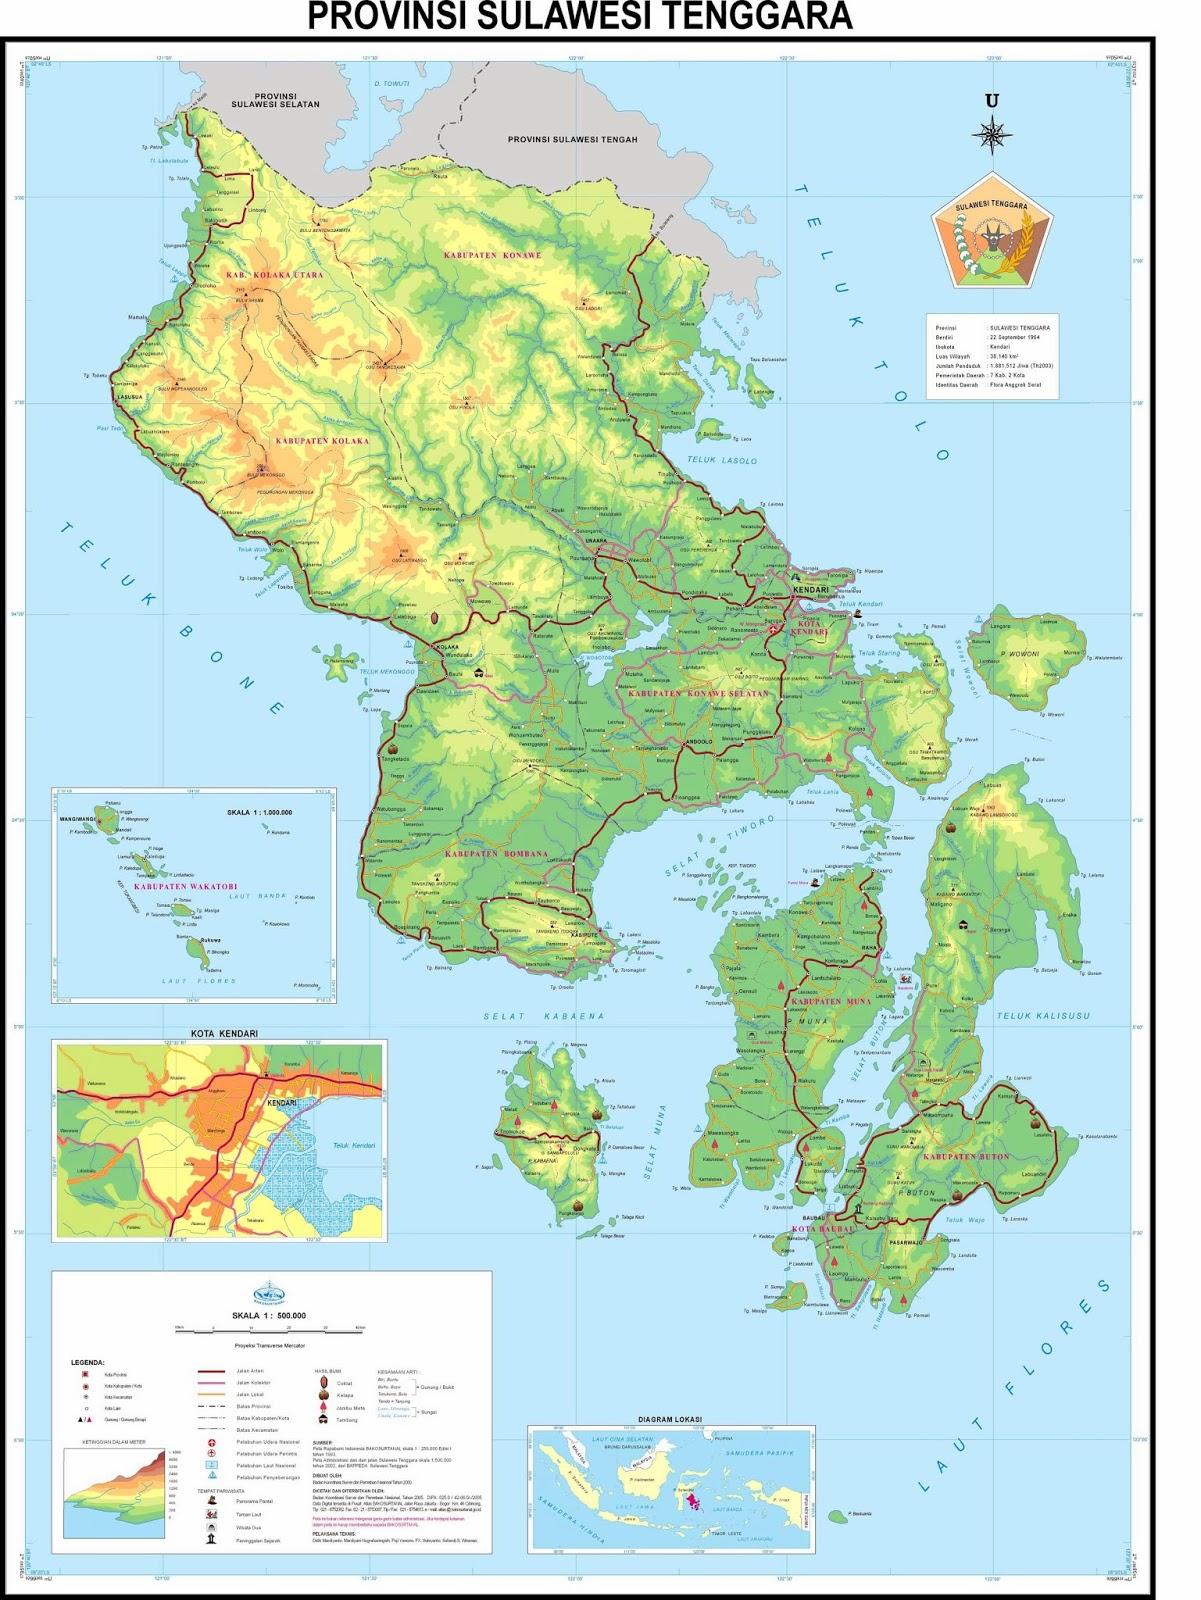 Peta Buta Asia Tenggara : tenggara, Indonesia, Tenggara, Tattoo, Tattoo39;s, Lists